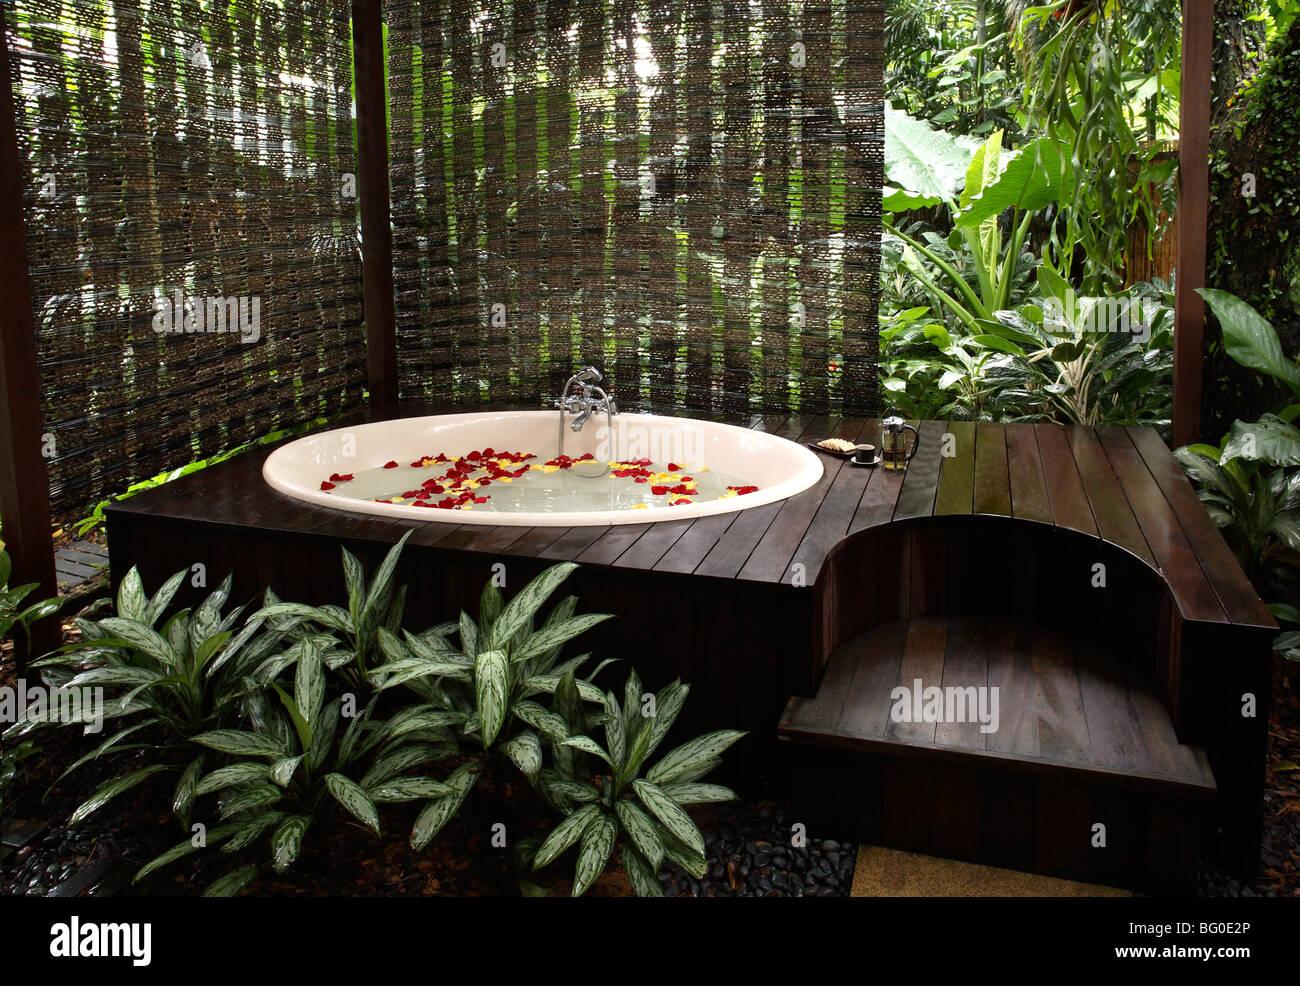 Bagno Esterno In Giardino bagno esterno e giardino a aramsa spa in singapore, asia sud